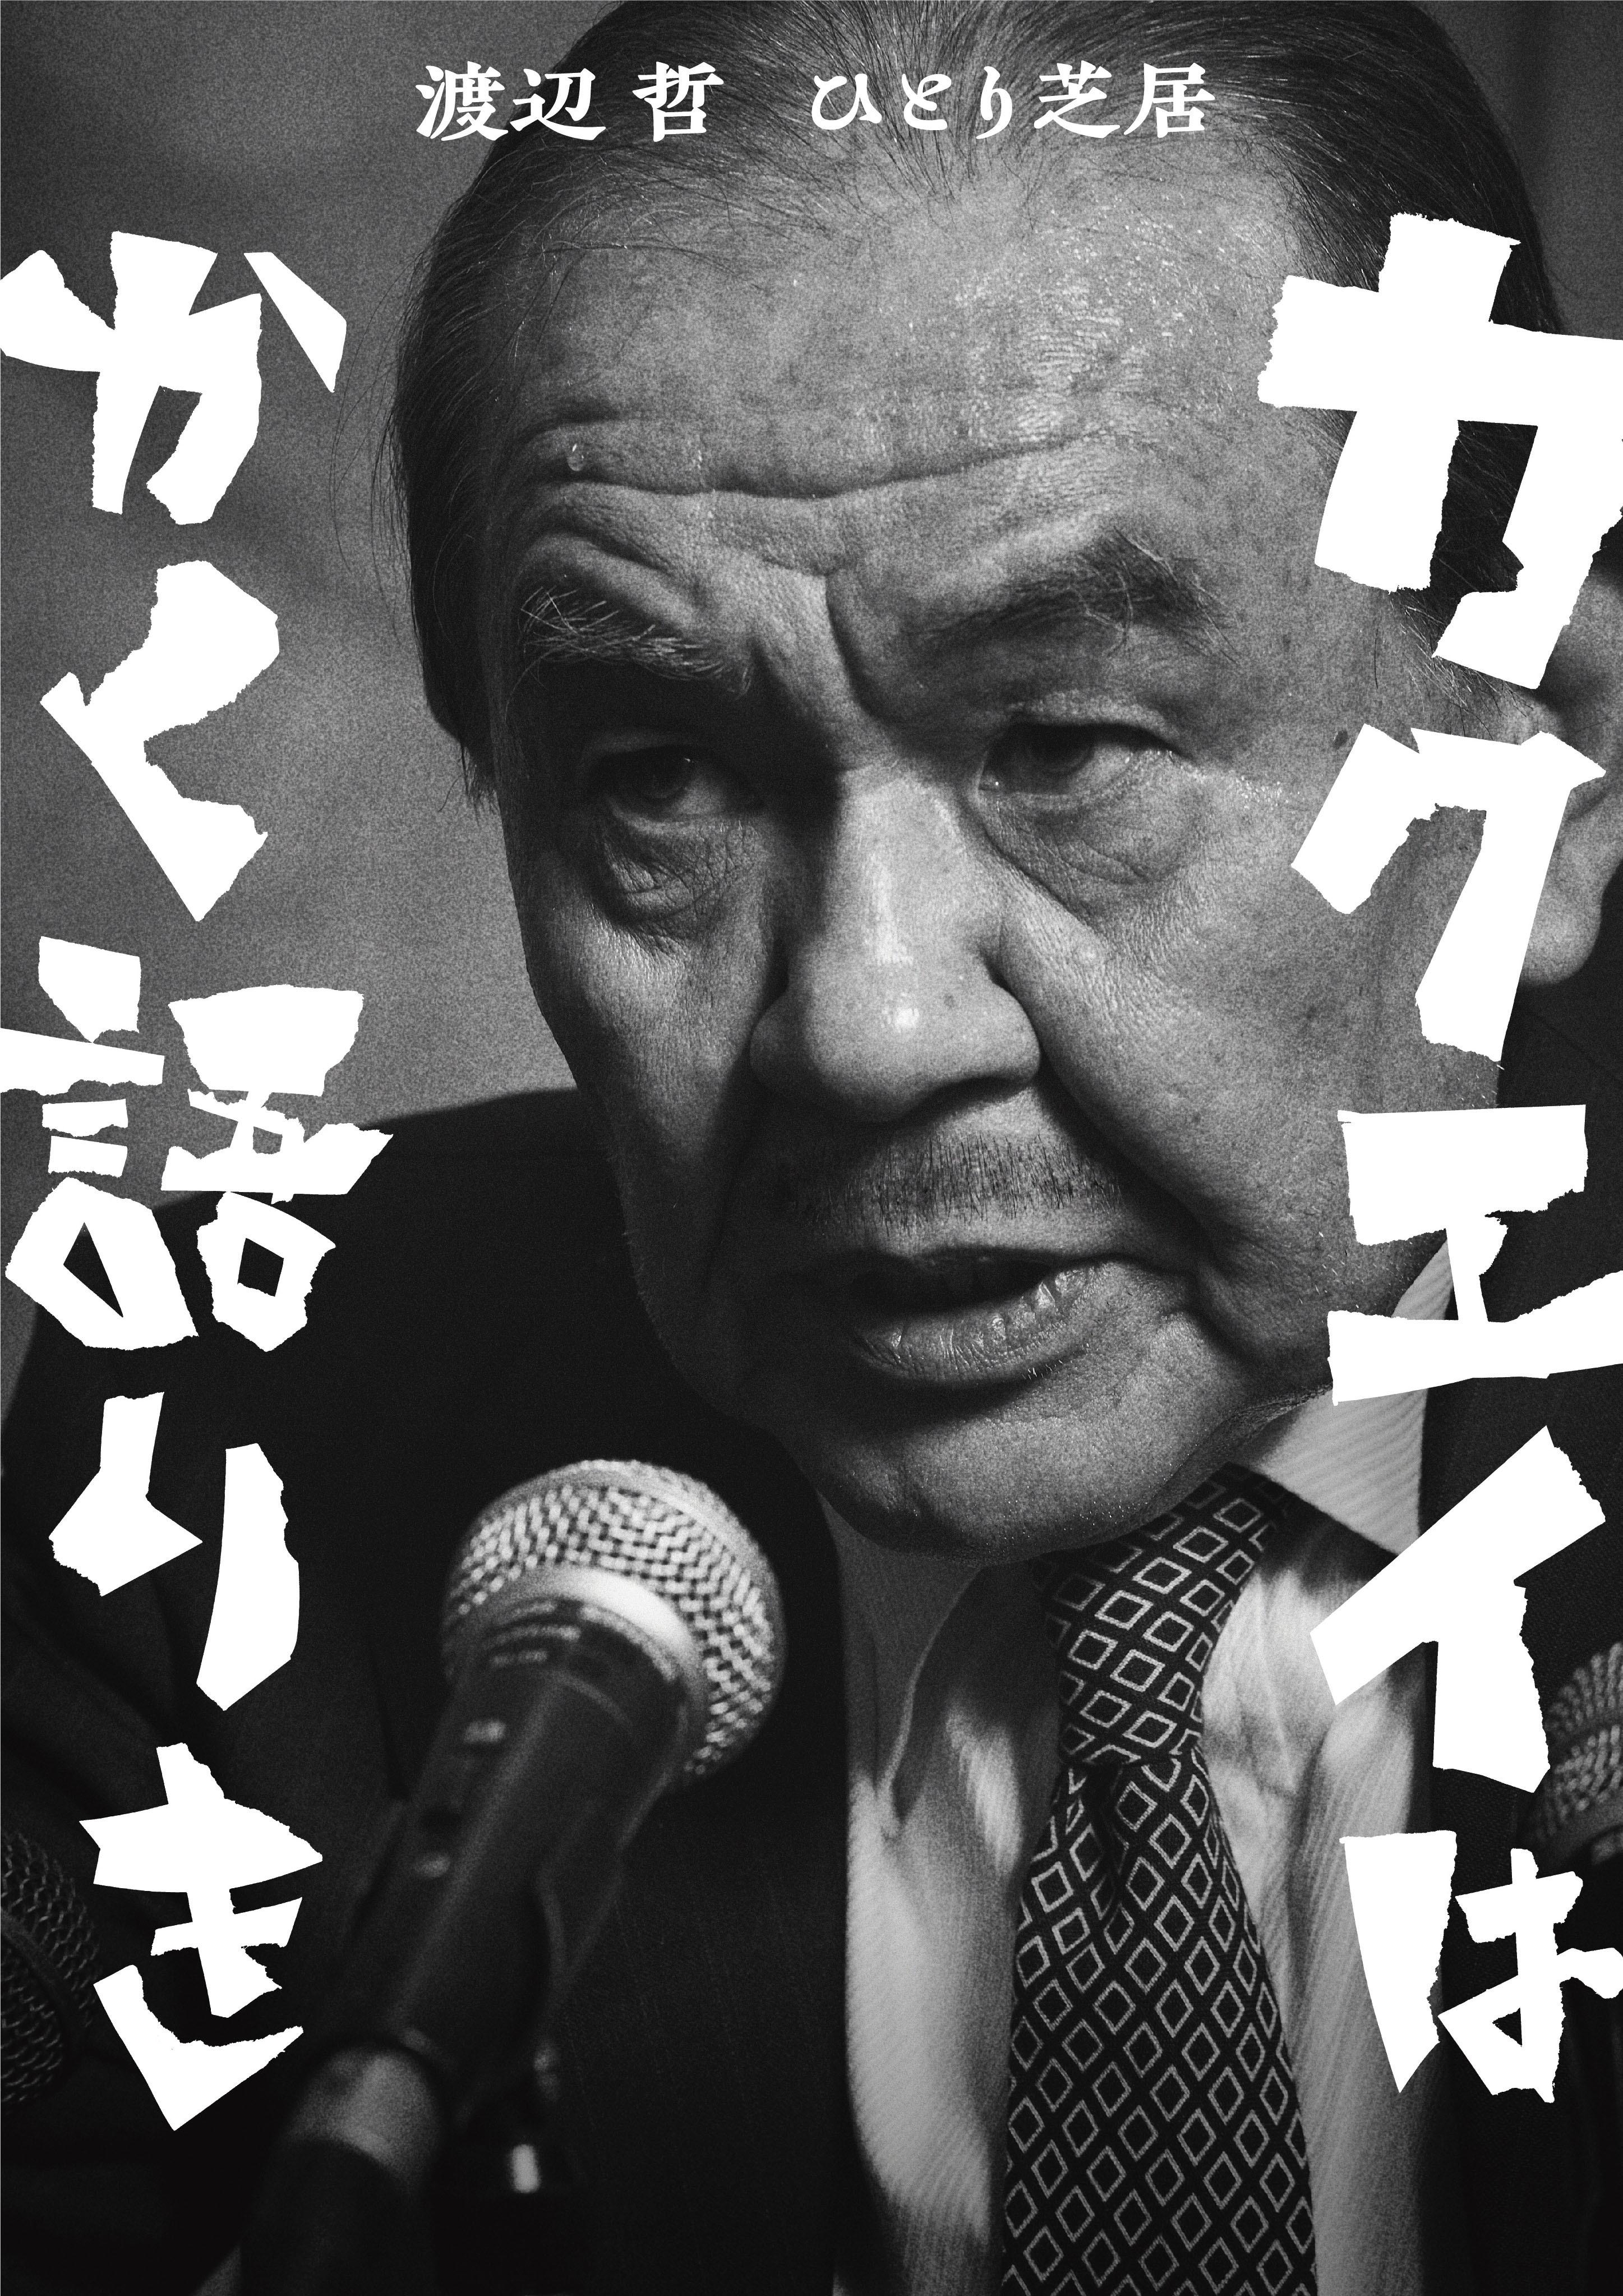 渡辺 哲 ひとり芝居 「カクエイはかく語りき」